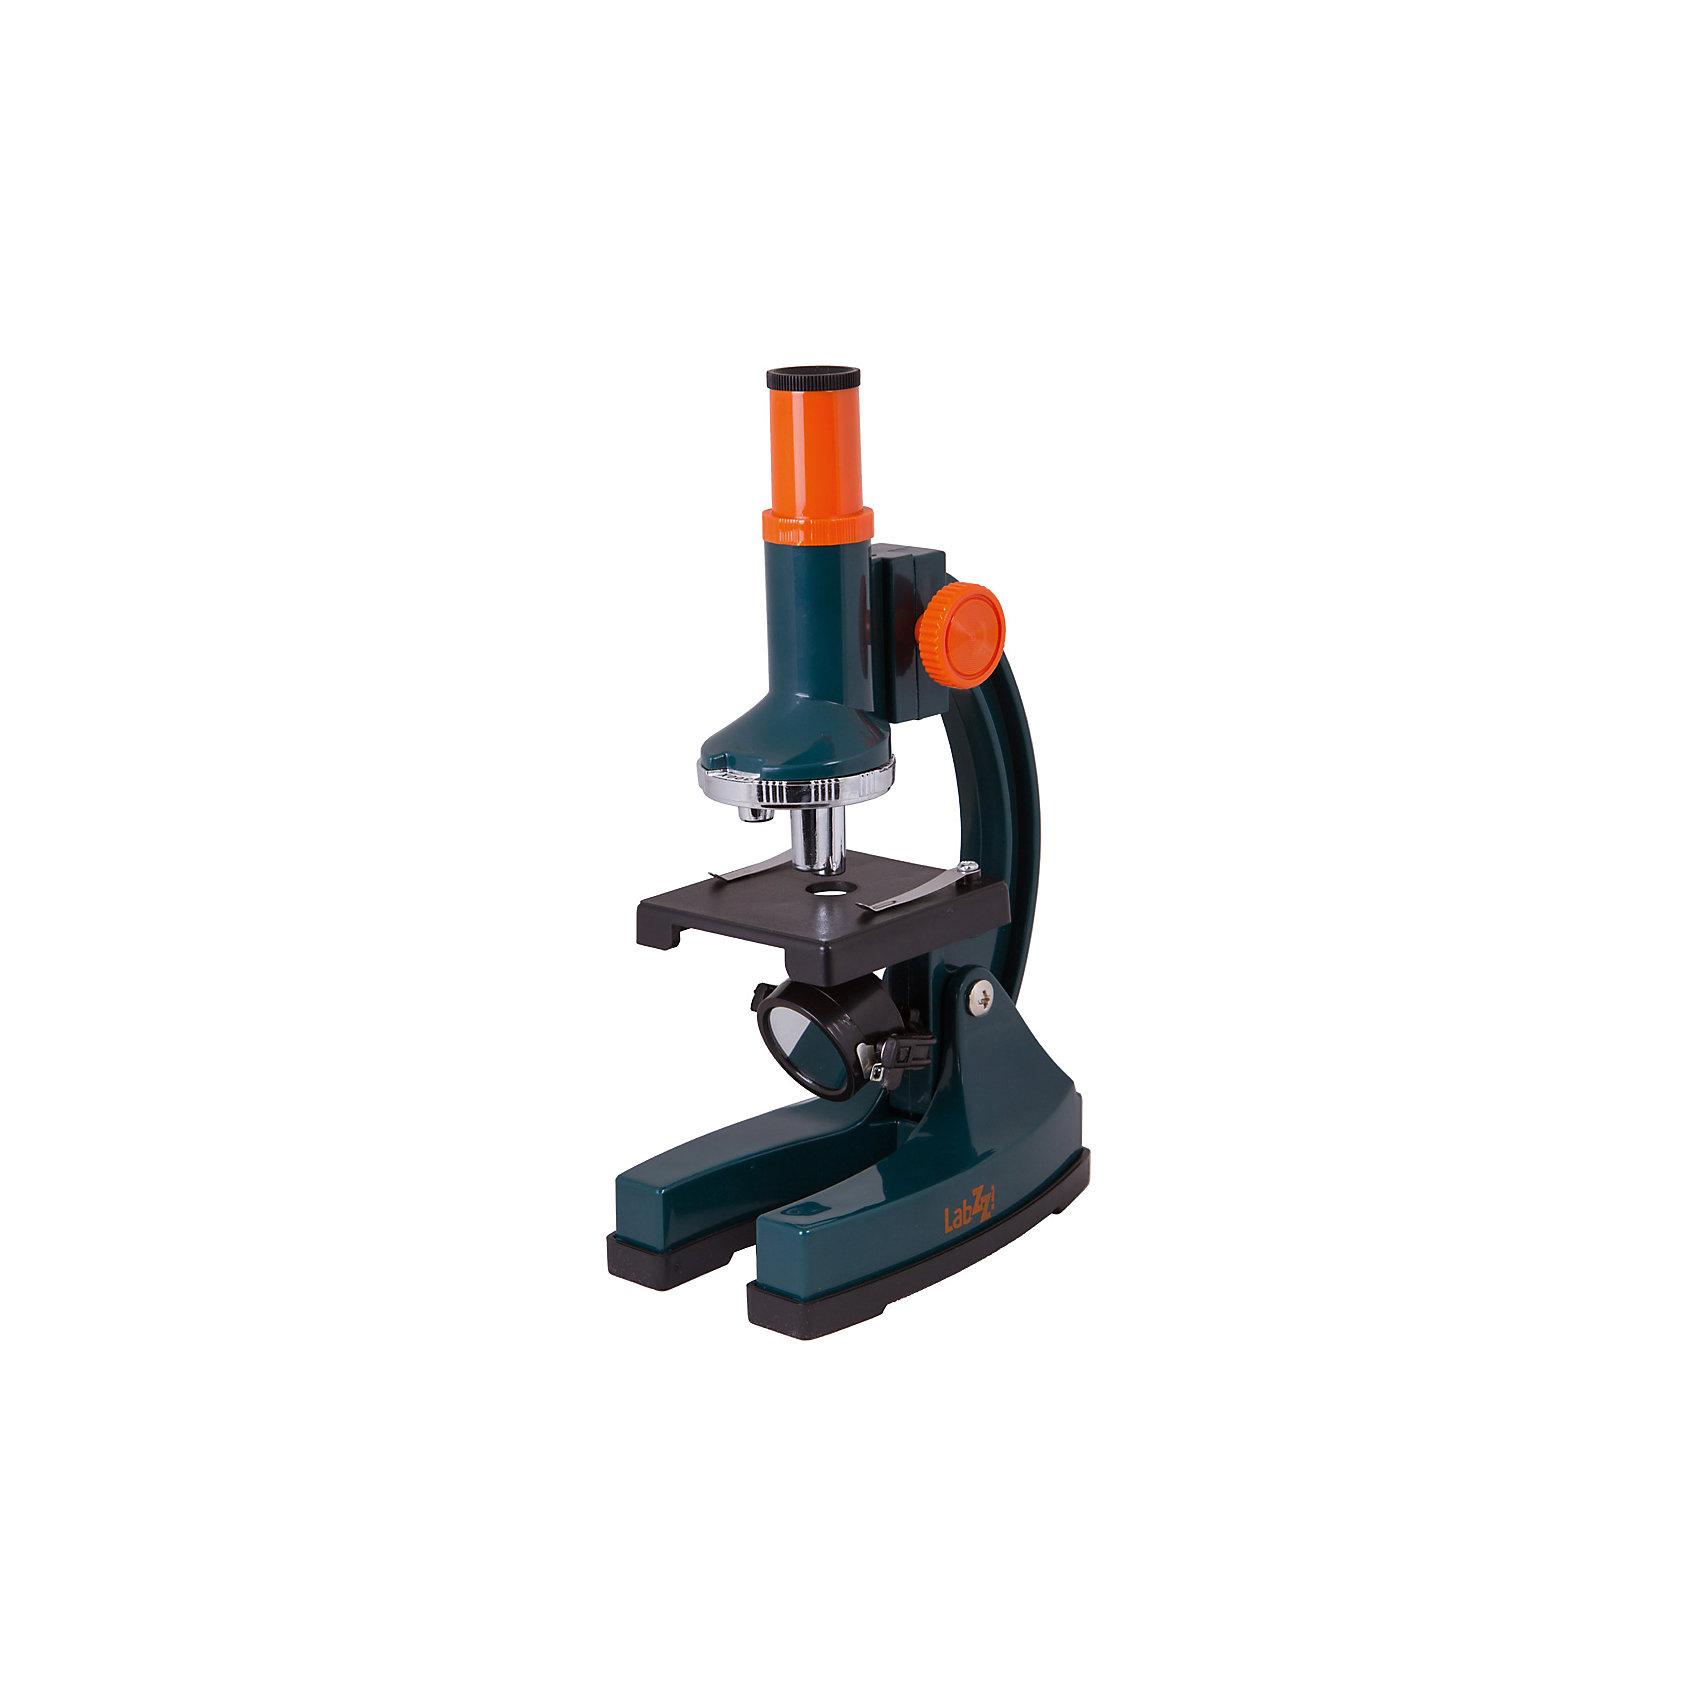 Микроскоп Levenhuk LabZZ M1Микроскопы<br>Характеристики товара:<br><br>• материал: металл, пластик<br>• увеличение: до 300 крат<br>• объективы: 10х, 20х, 30х<br>• подсветка: нижняя<br>• подсветка работает от батареек 2хАА<br>• резкость настраивается отдельной ручкой<br>• страна бренда: США<br>• страна производства: КНР<br><br>Собственный микроскоп - это отличный способ заинтересовать ребенка наукой и привить ему интерес к учебе. Эта модель микроскопа была разработана специально для детей - он позволяет увеличивать препарат в 300 крат, с помощью этого дети могут исследовать состав и структуру разнообразных предметов, веществ и организмов. Благодаря стильному дизайну этот микроскоп отлично вписывается в интерьер!<br><br>Оптические приборы от американской компании Levenhuk уже успели зарекомендовать себя как качественная и надежная продукция. Для их производства используются только безопасные и проверенные материалы. Такой прибор способен прослужить долго. Подарите ребенку интересную и полезную вещь!<br><br>Микроскоп Levenhuk LabZZ M1 от известного бренда Levenhuk (Левенгук) можно купить в нашем интернет-магазине.<br><br>Ширина мм: 81<br>Глубина мм: 211<br>Высота мм: 261<br>Вес г: 400<br>Возраст от месяцев: 60<br>Возраст до месяцев: 2147483647<br>Пол: Унисекс<br>Возраст: Детский<br>SKU: 5435289